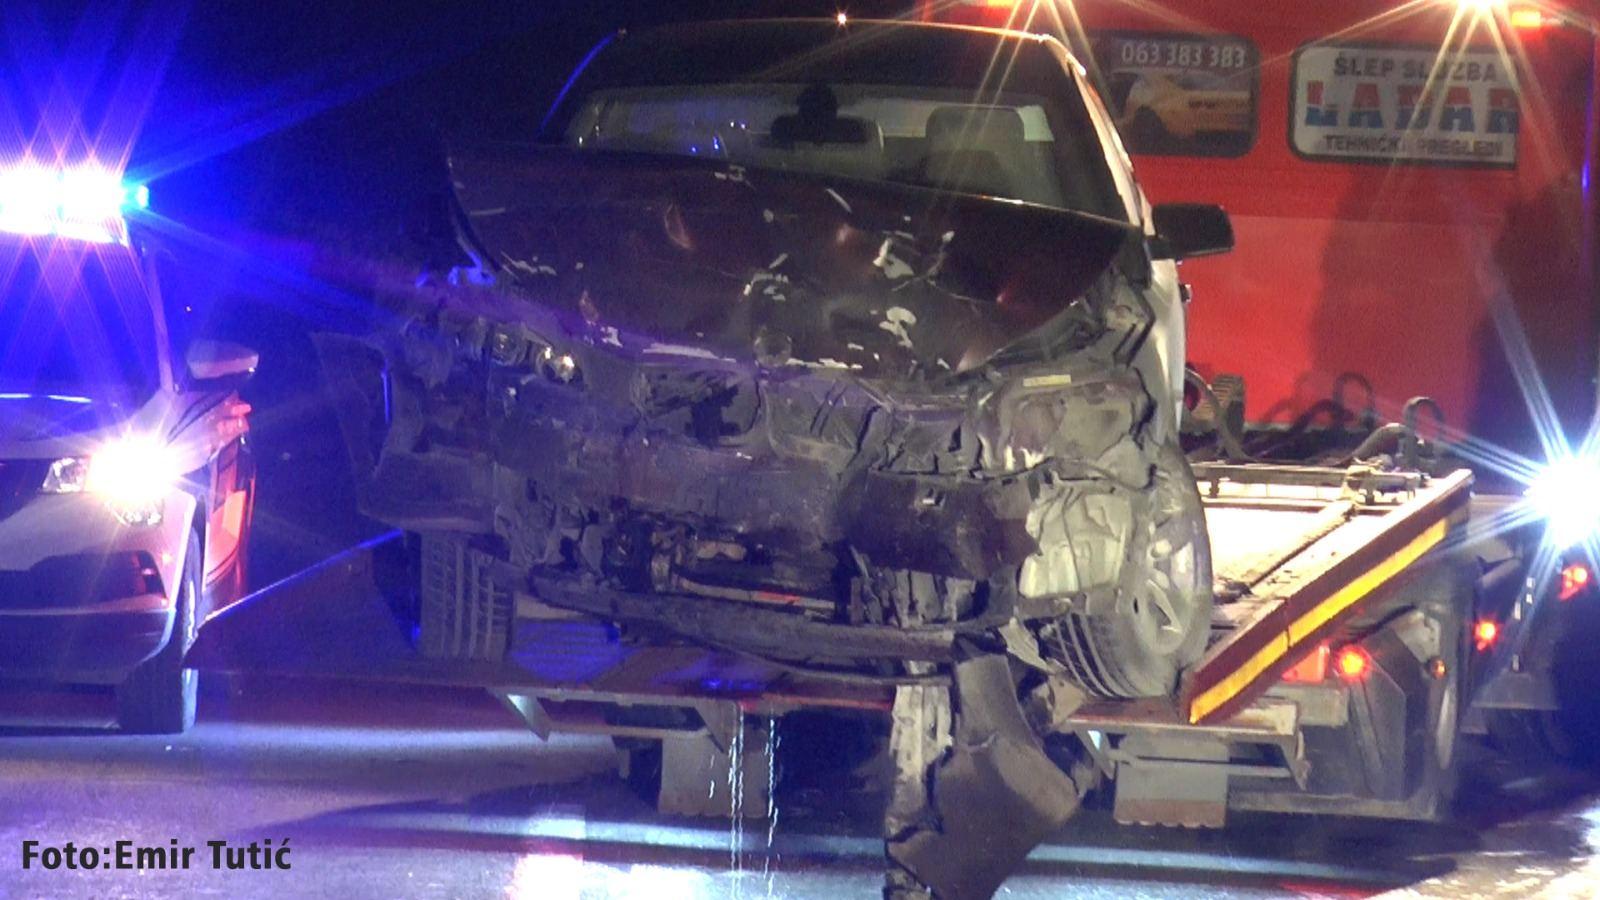 Pet lica povređeno u saobraćajnoj nesreći u Novom Pazaru (video)